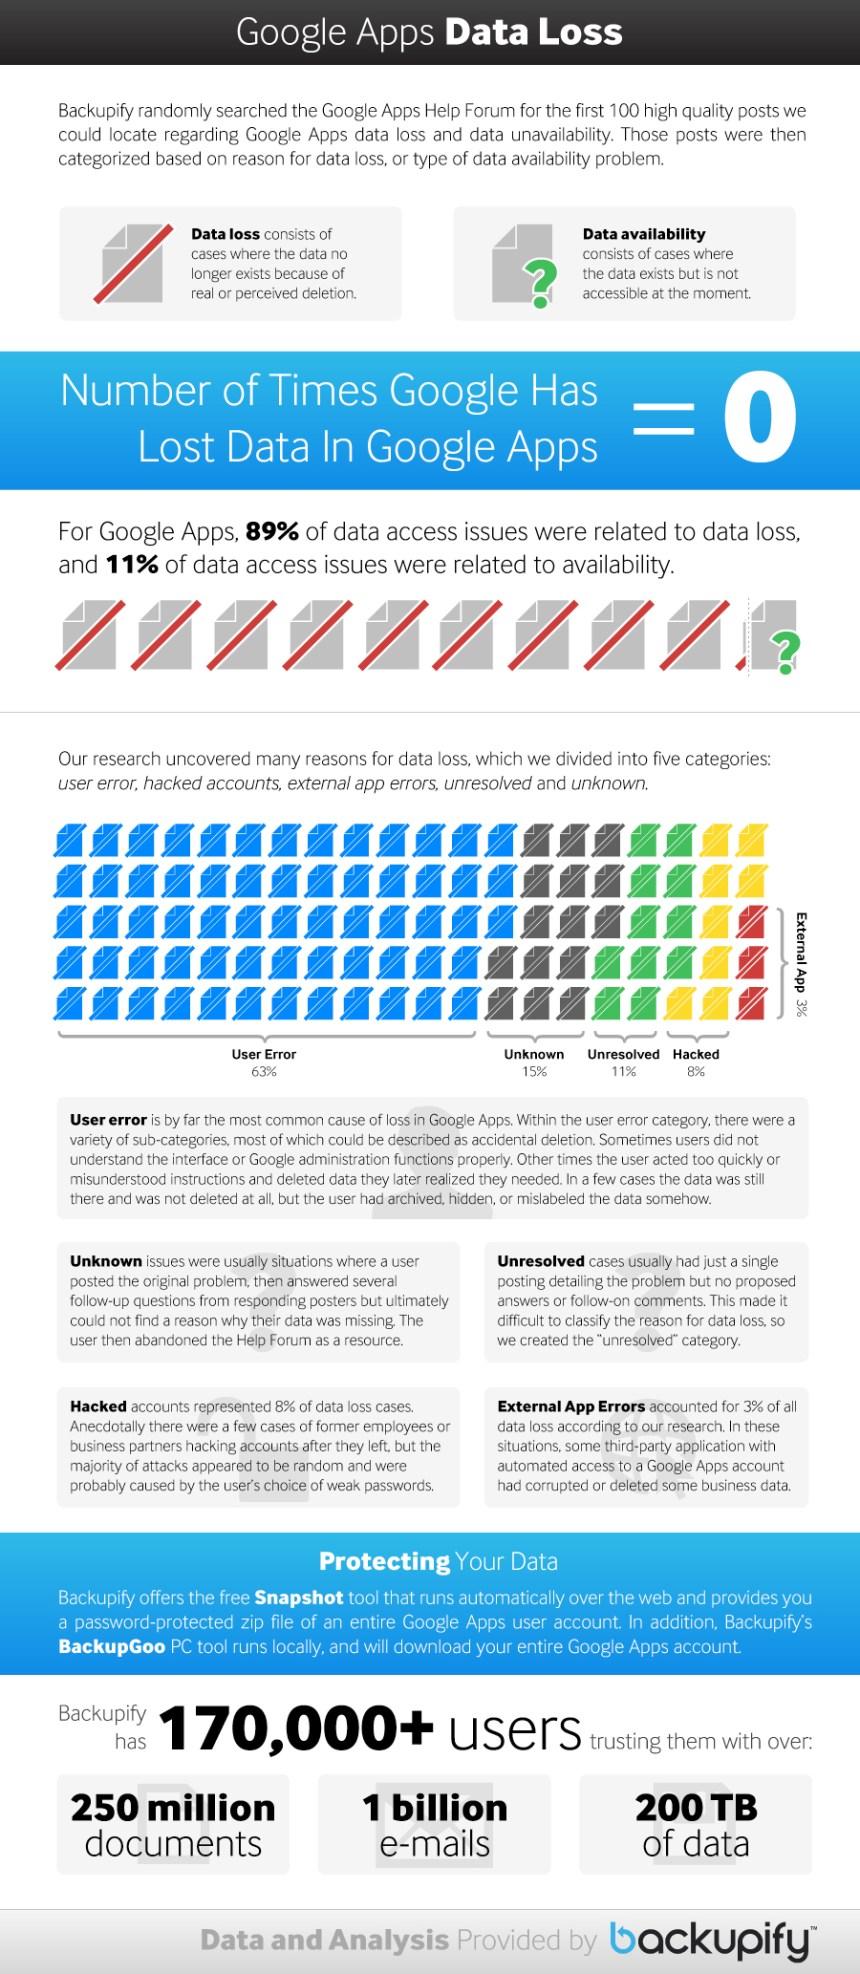 ¿Puede Google recuperar los datos perdidos en Google Apps?